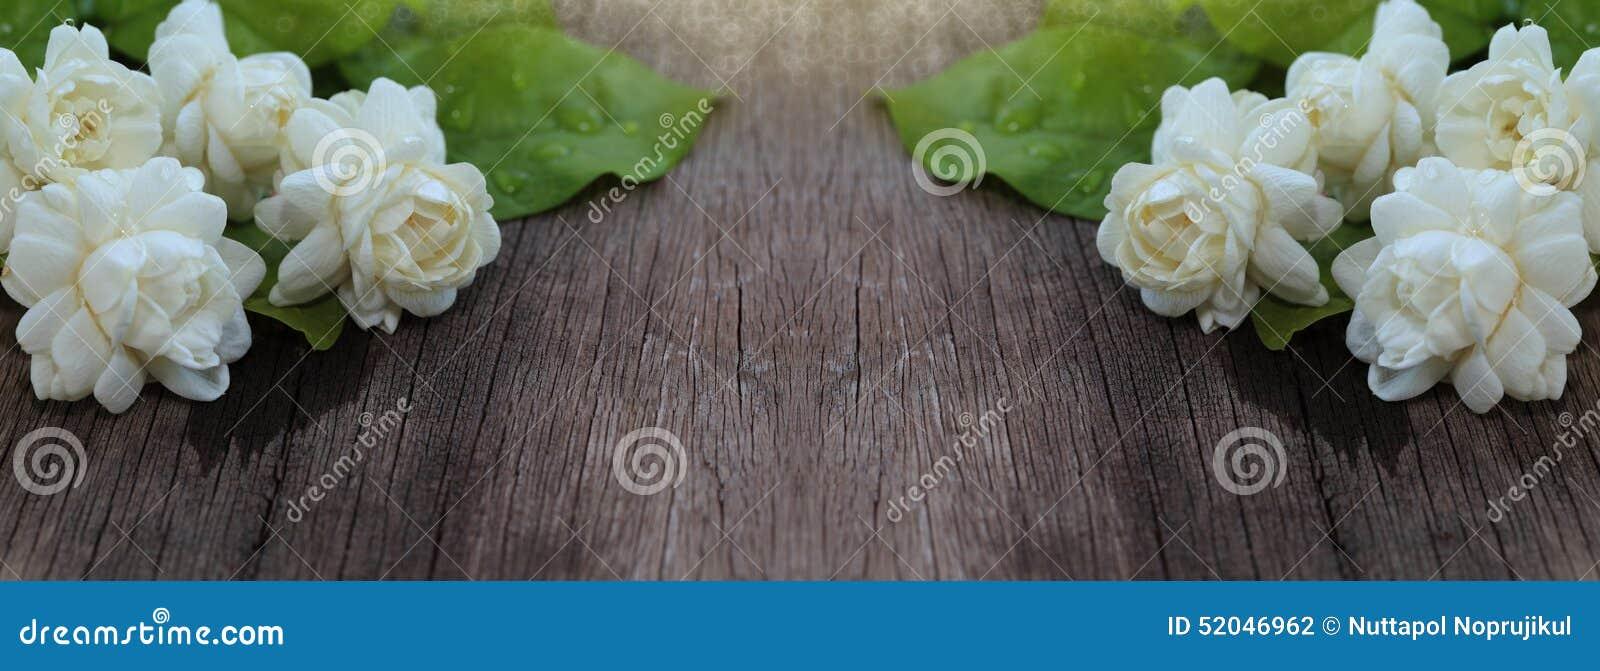 Fiore tropicale del gelsomino su legno Fiori e foglie del gelsomino su Br